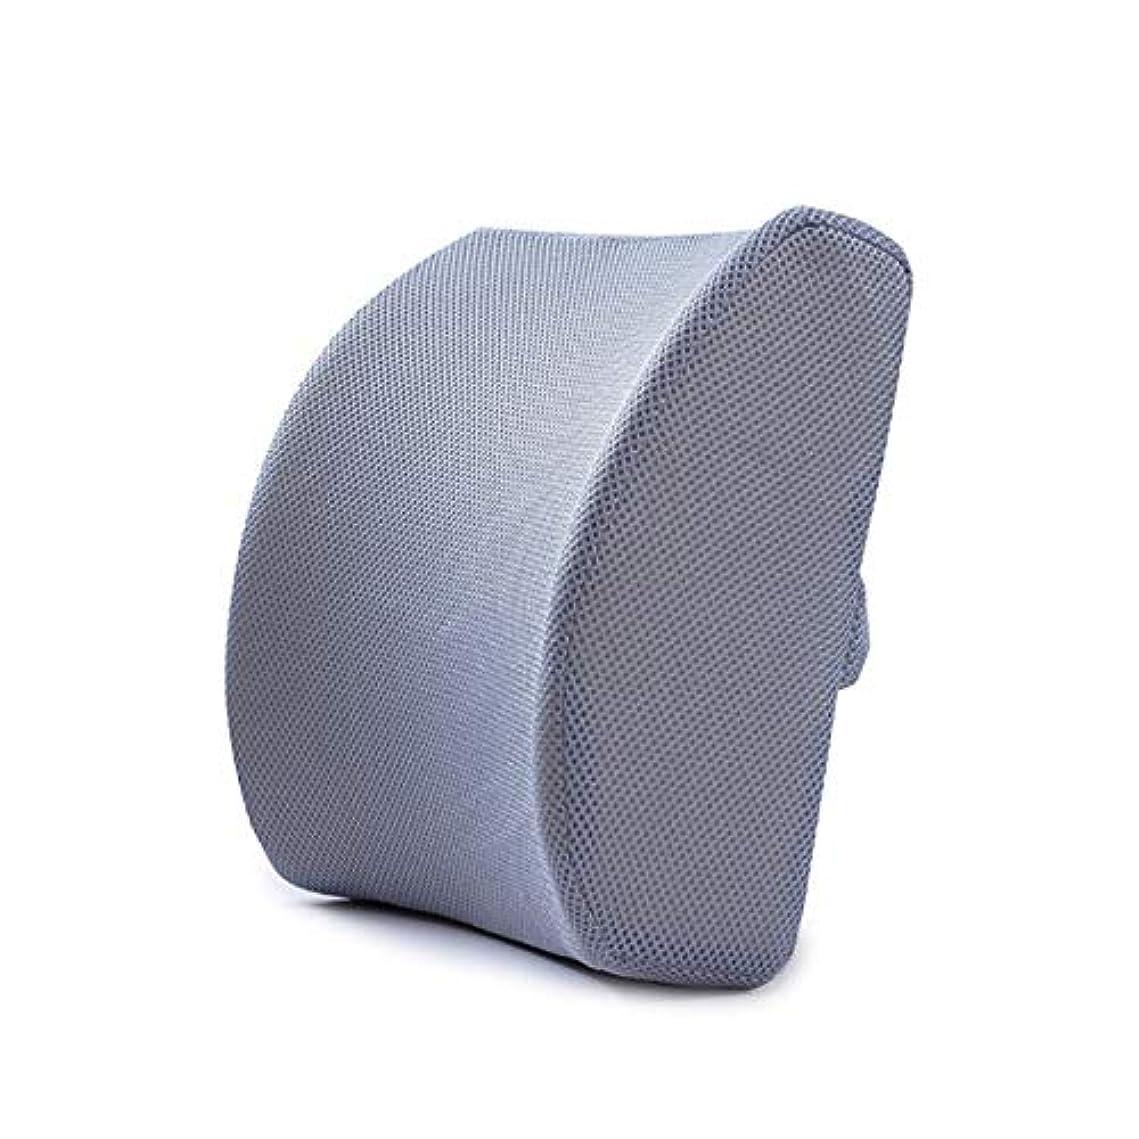 設計マナーキルスLIFE ホームオフィス背もたれ椅子腰椎クッションカーシートネック枕 3D 低反発サポートバックマッサージウエストレスリビング枕 クッション 椅子